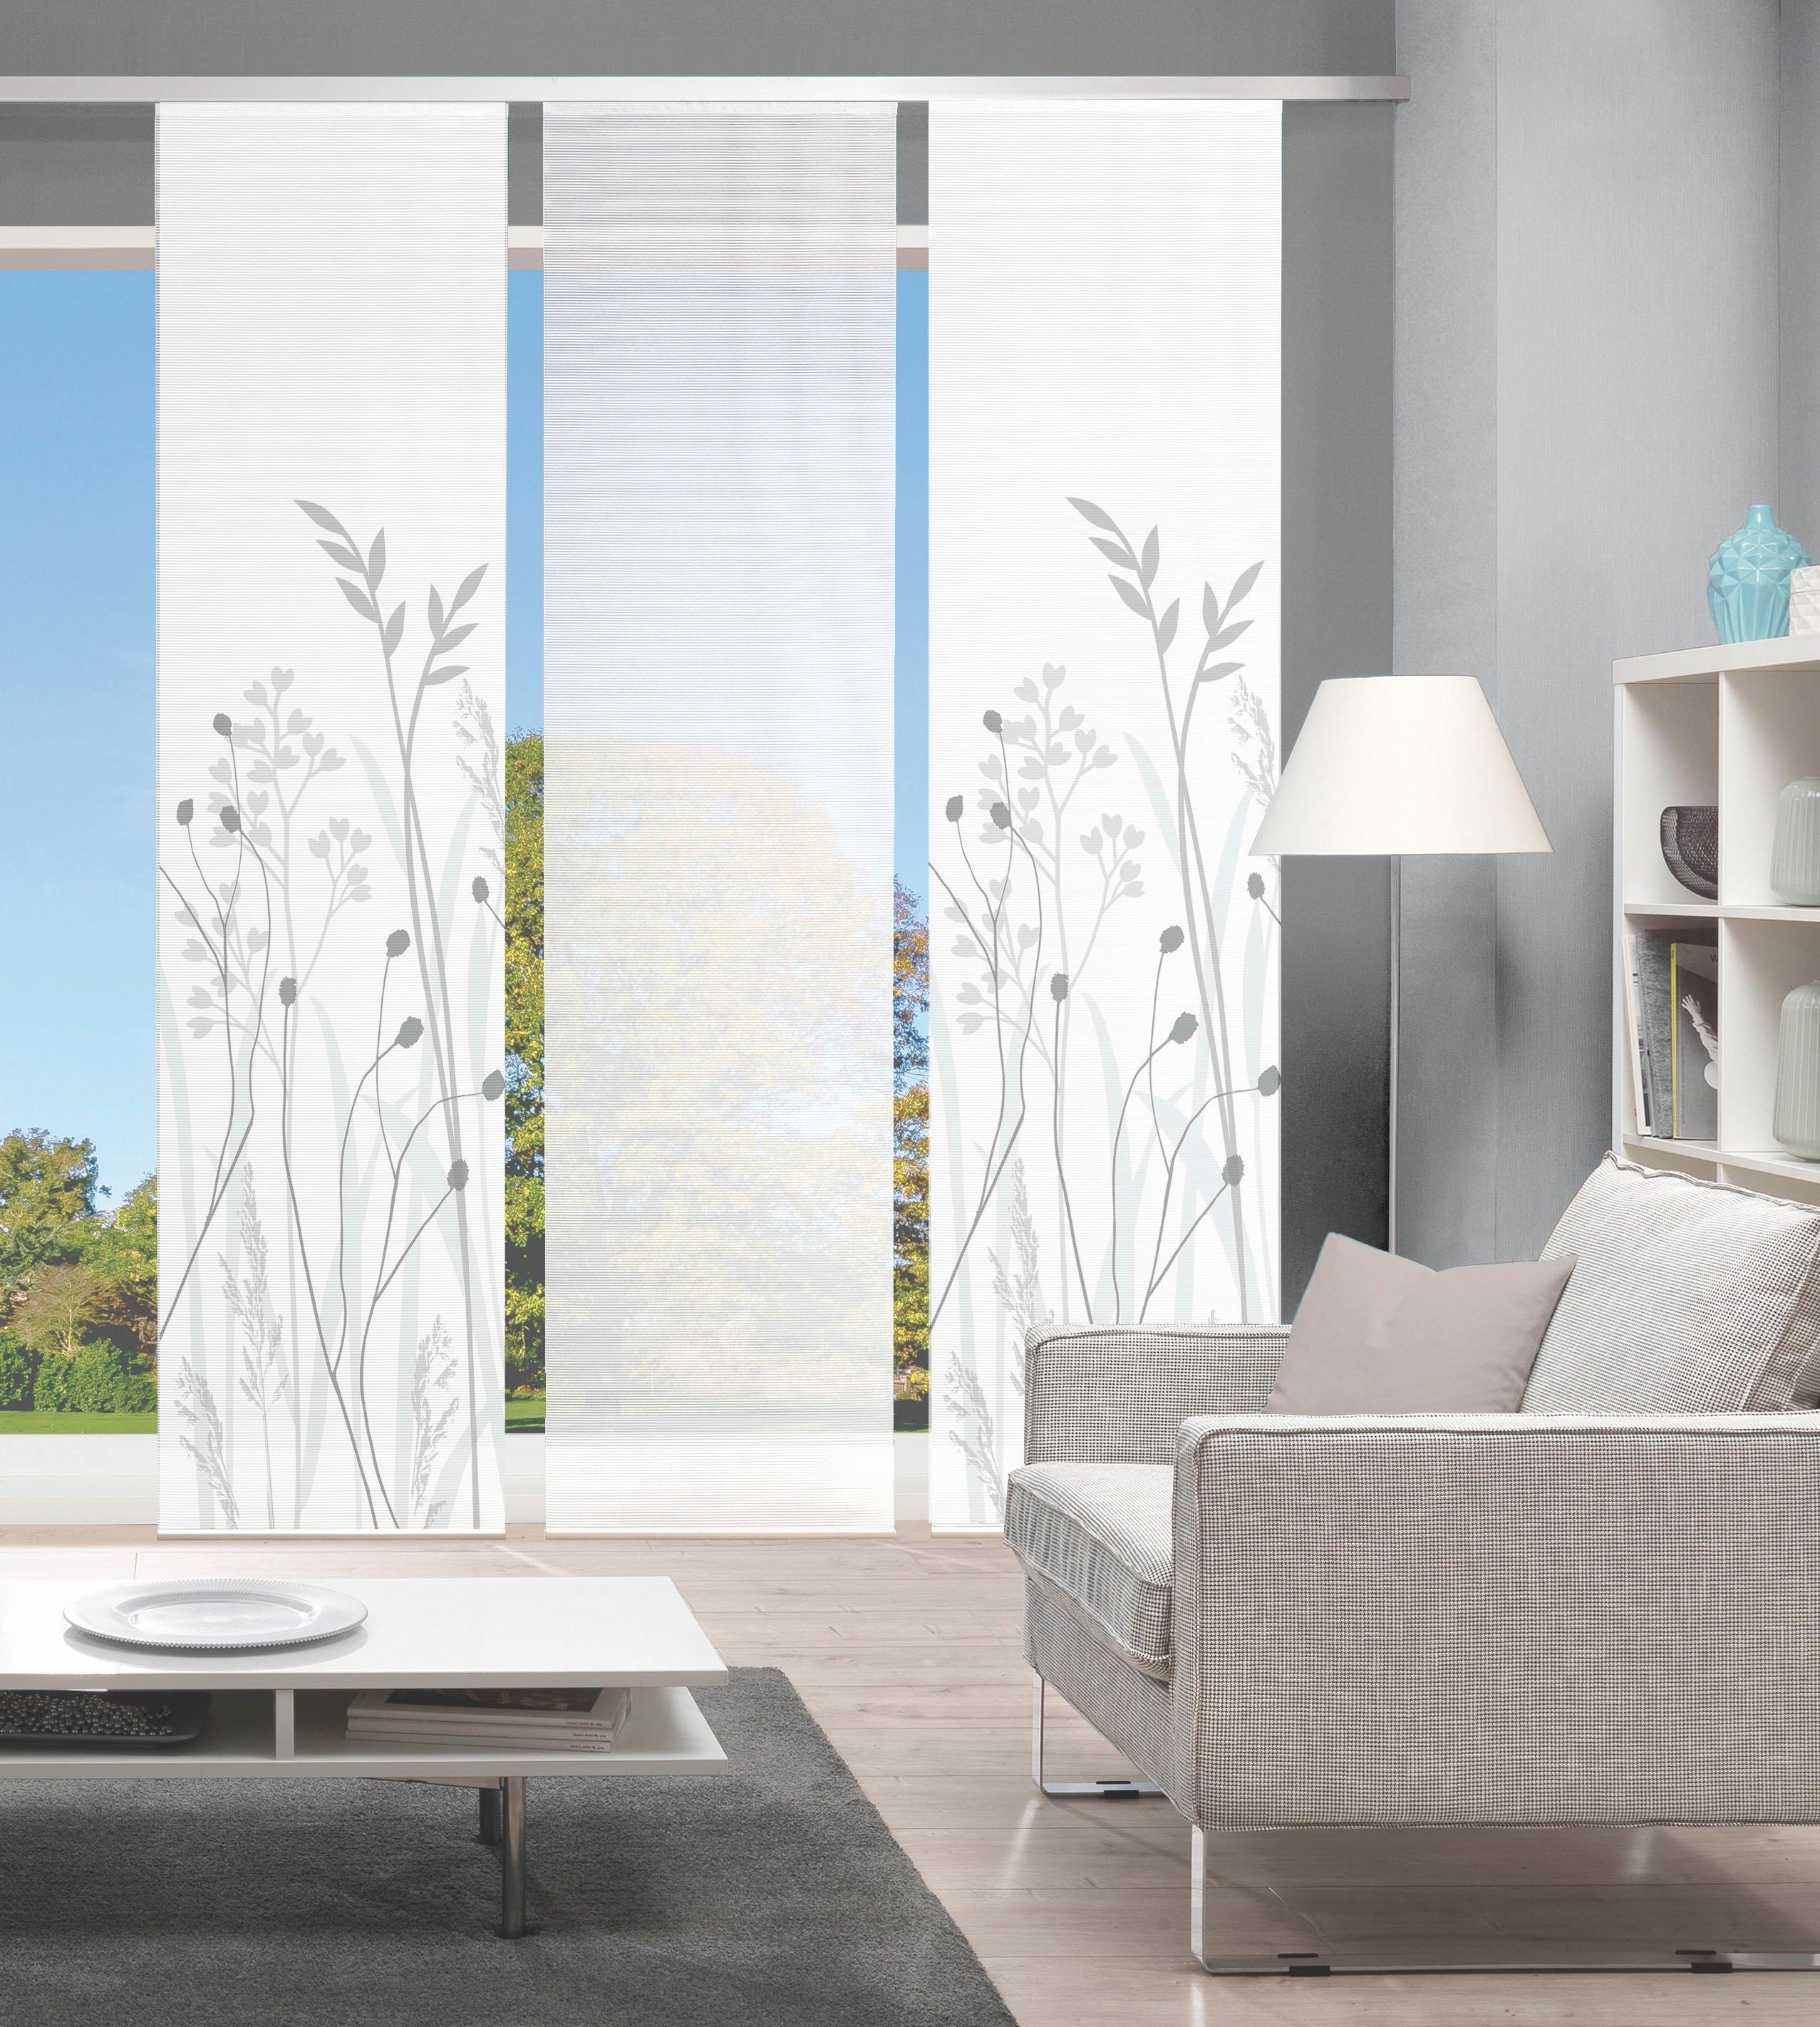 Vision Paneelgordijn GRASIL set van 3 Bamboe-look, digitaal bedrukt (3 stuks) - verschillende betaalmethodes